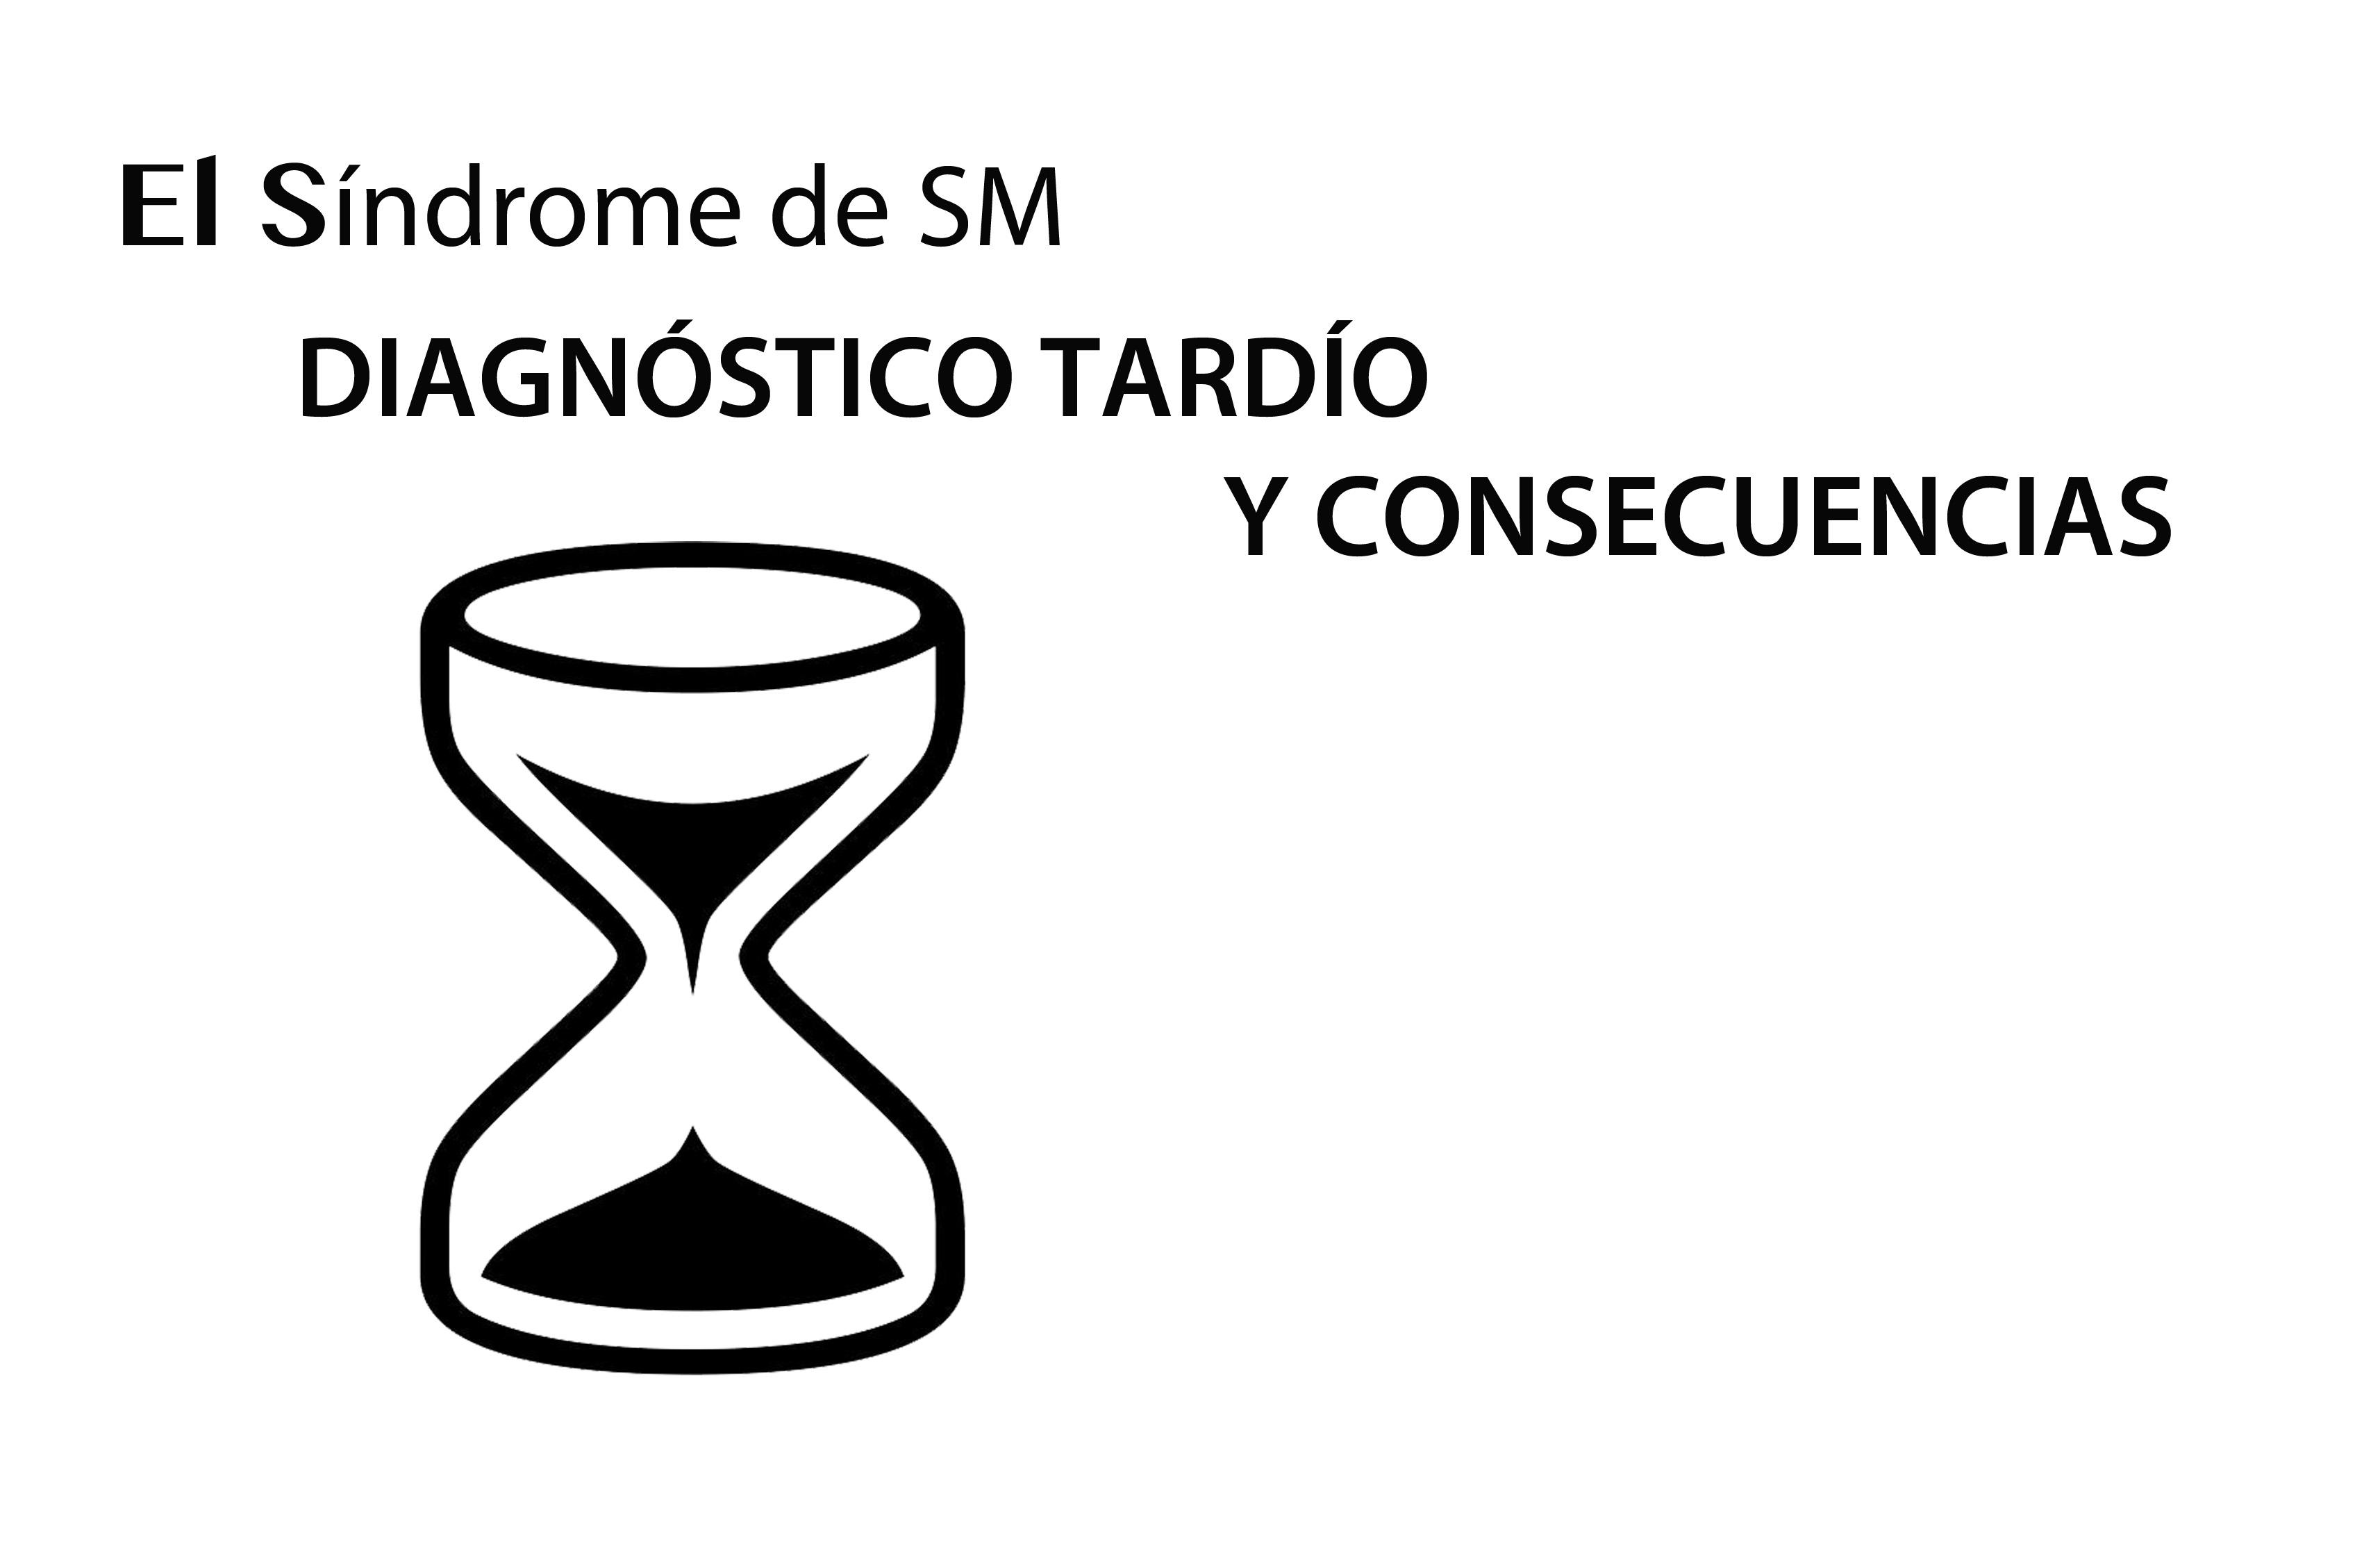 EL DIAGNÓSTICO TARDÍO Y SUS MALAS CONSECUENCIAS